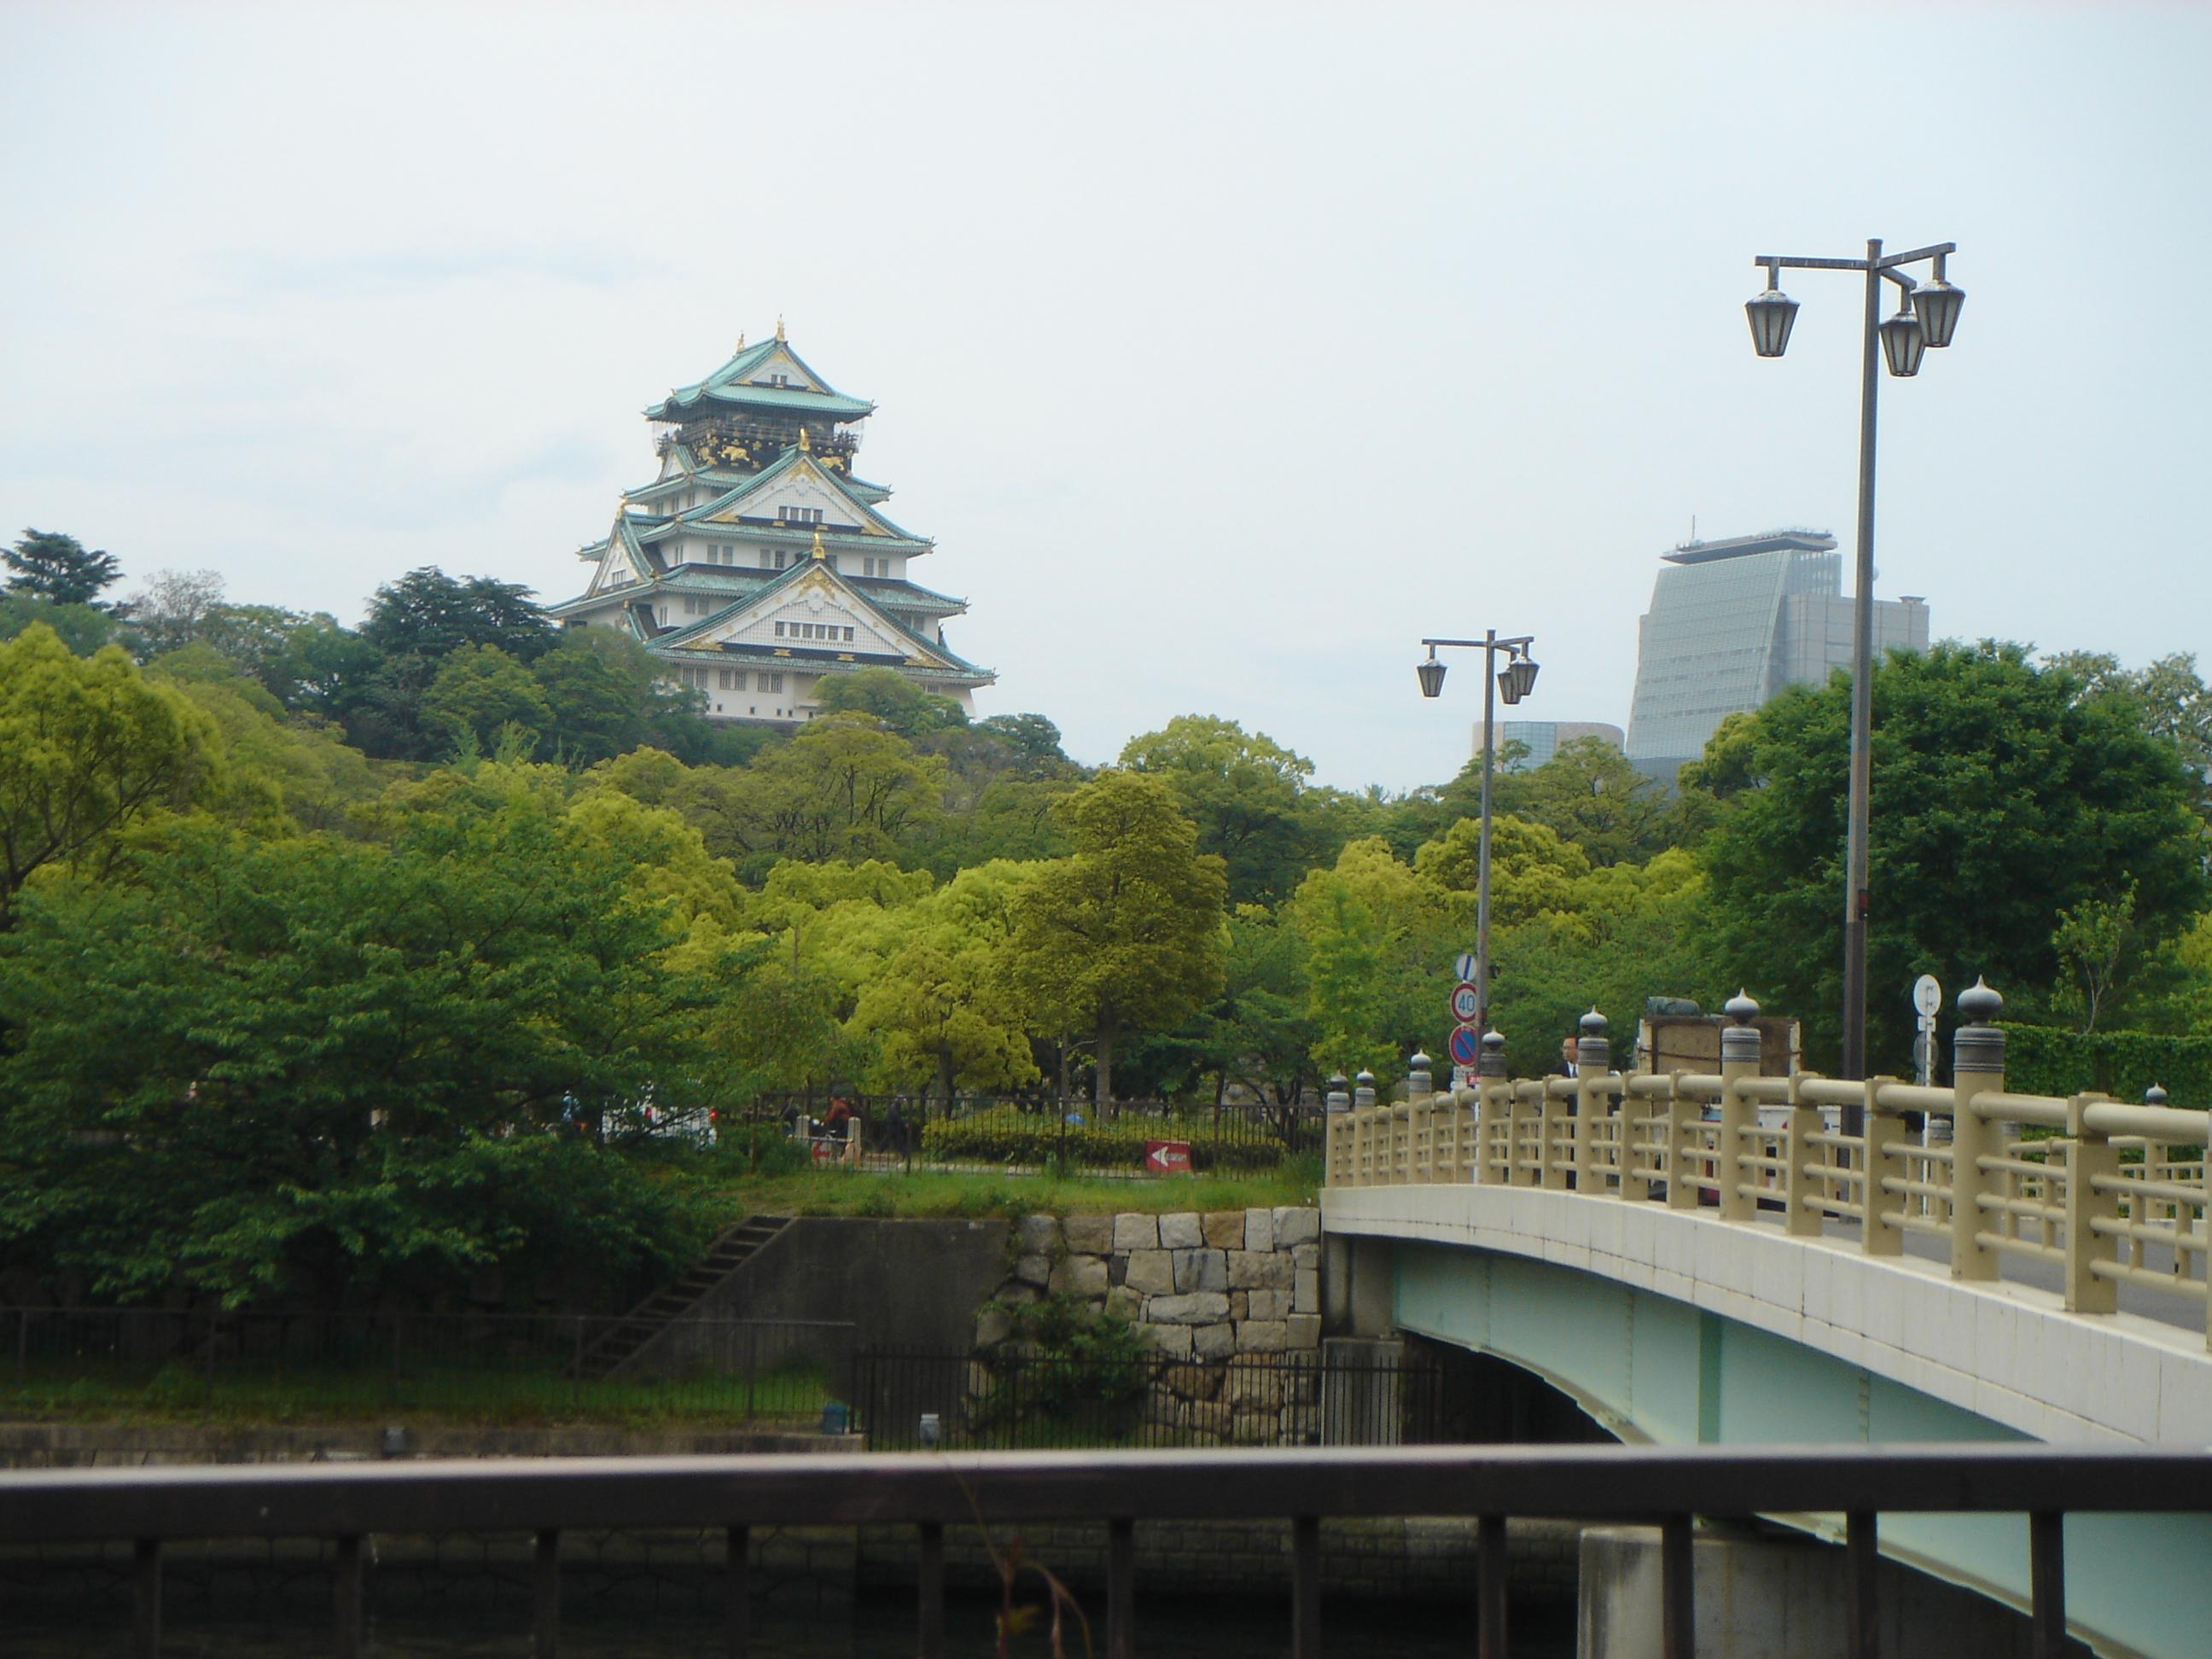 京都夏日風物詩|八天七夜自由行之十一:大坂城與道頓掘與關西機場